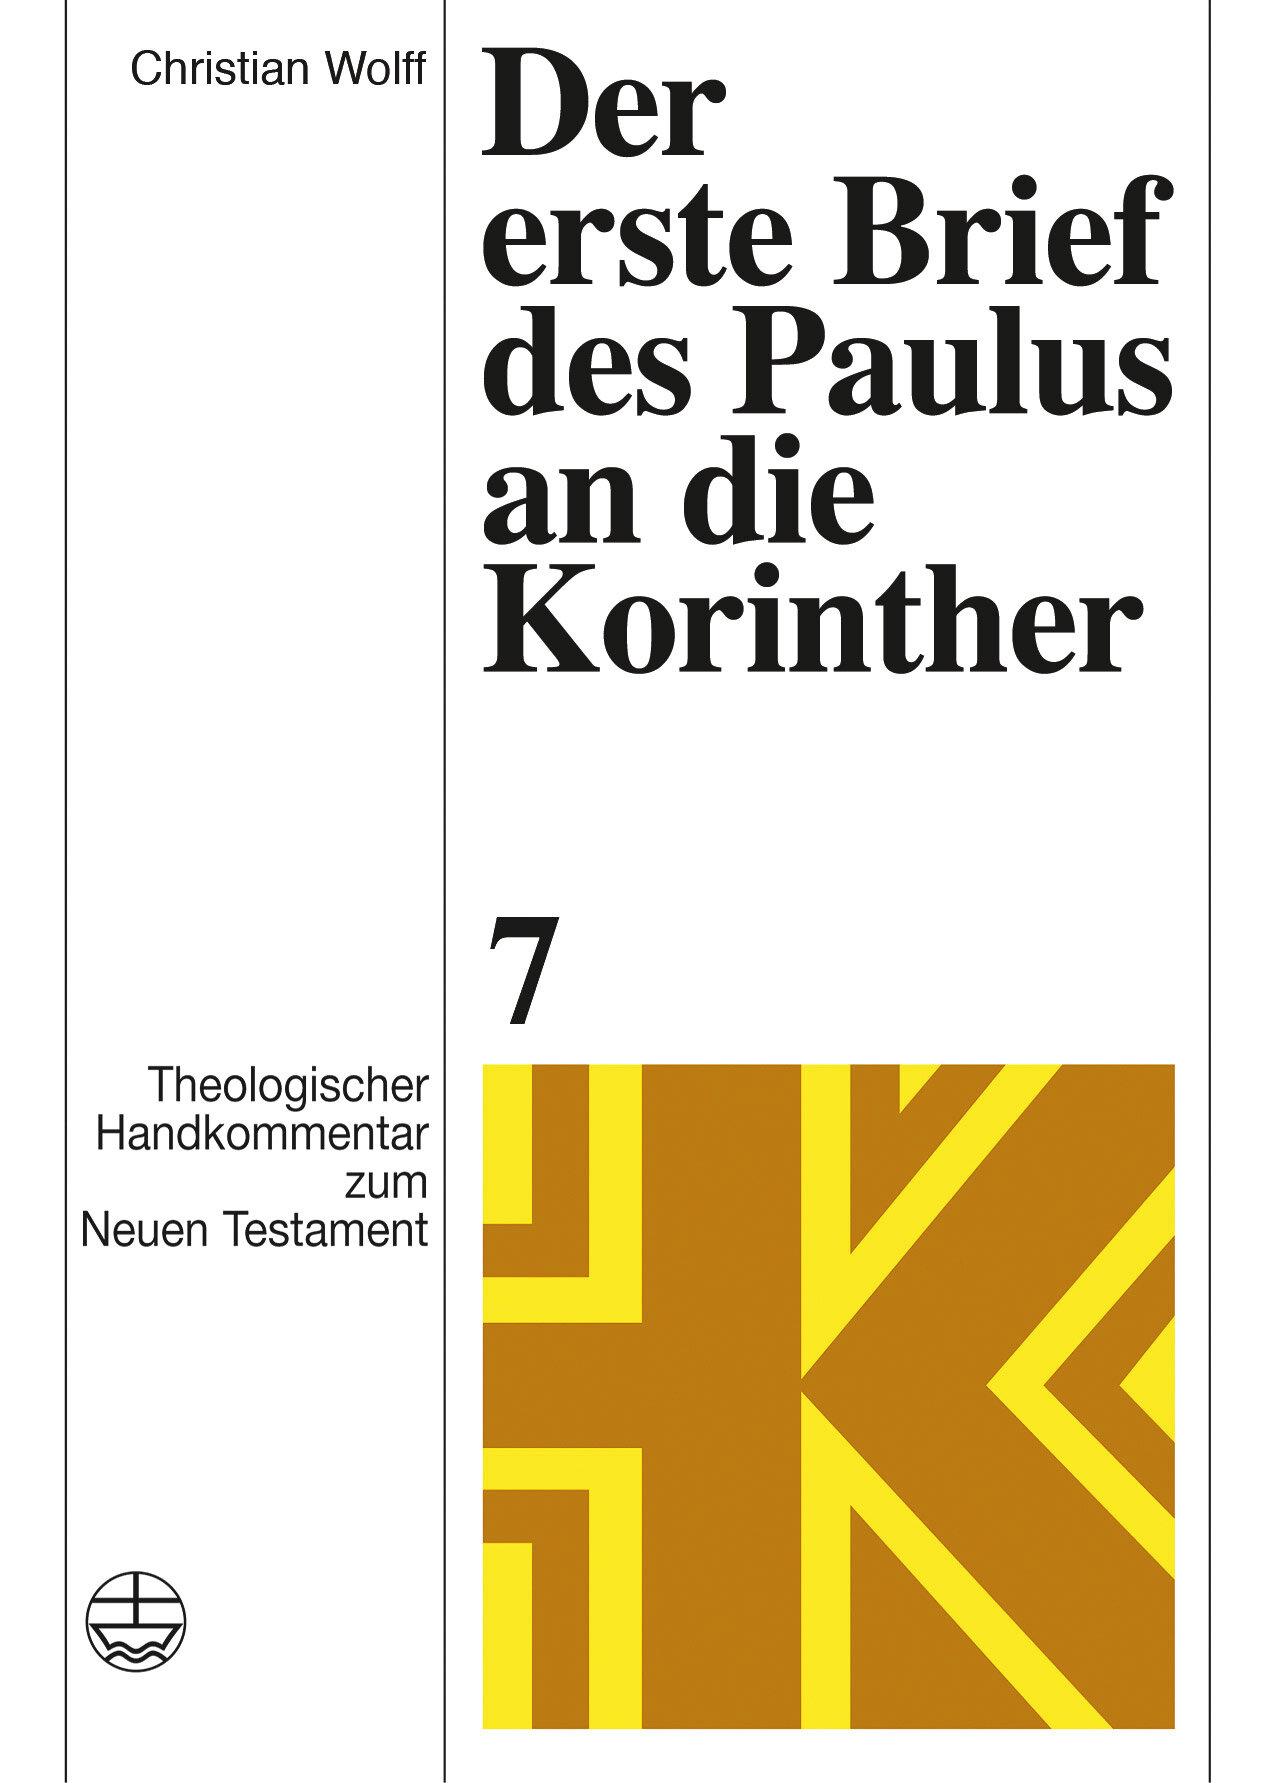 Der erste Brief des Paulus an die Korinther (Theologischer Handkommentar zum Neuen Testament | ThHK)